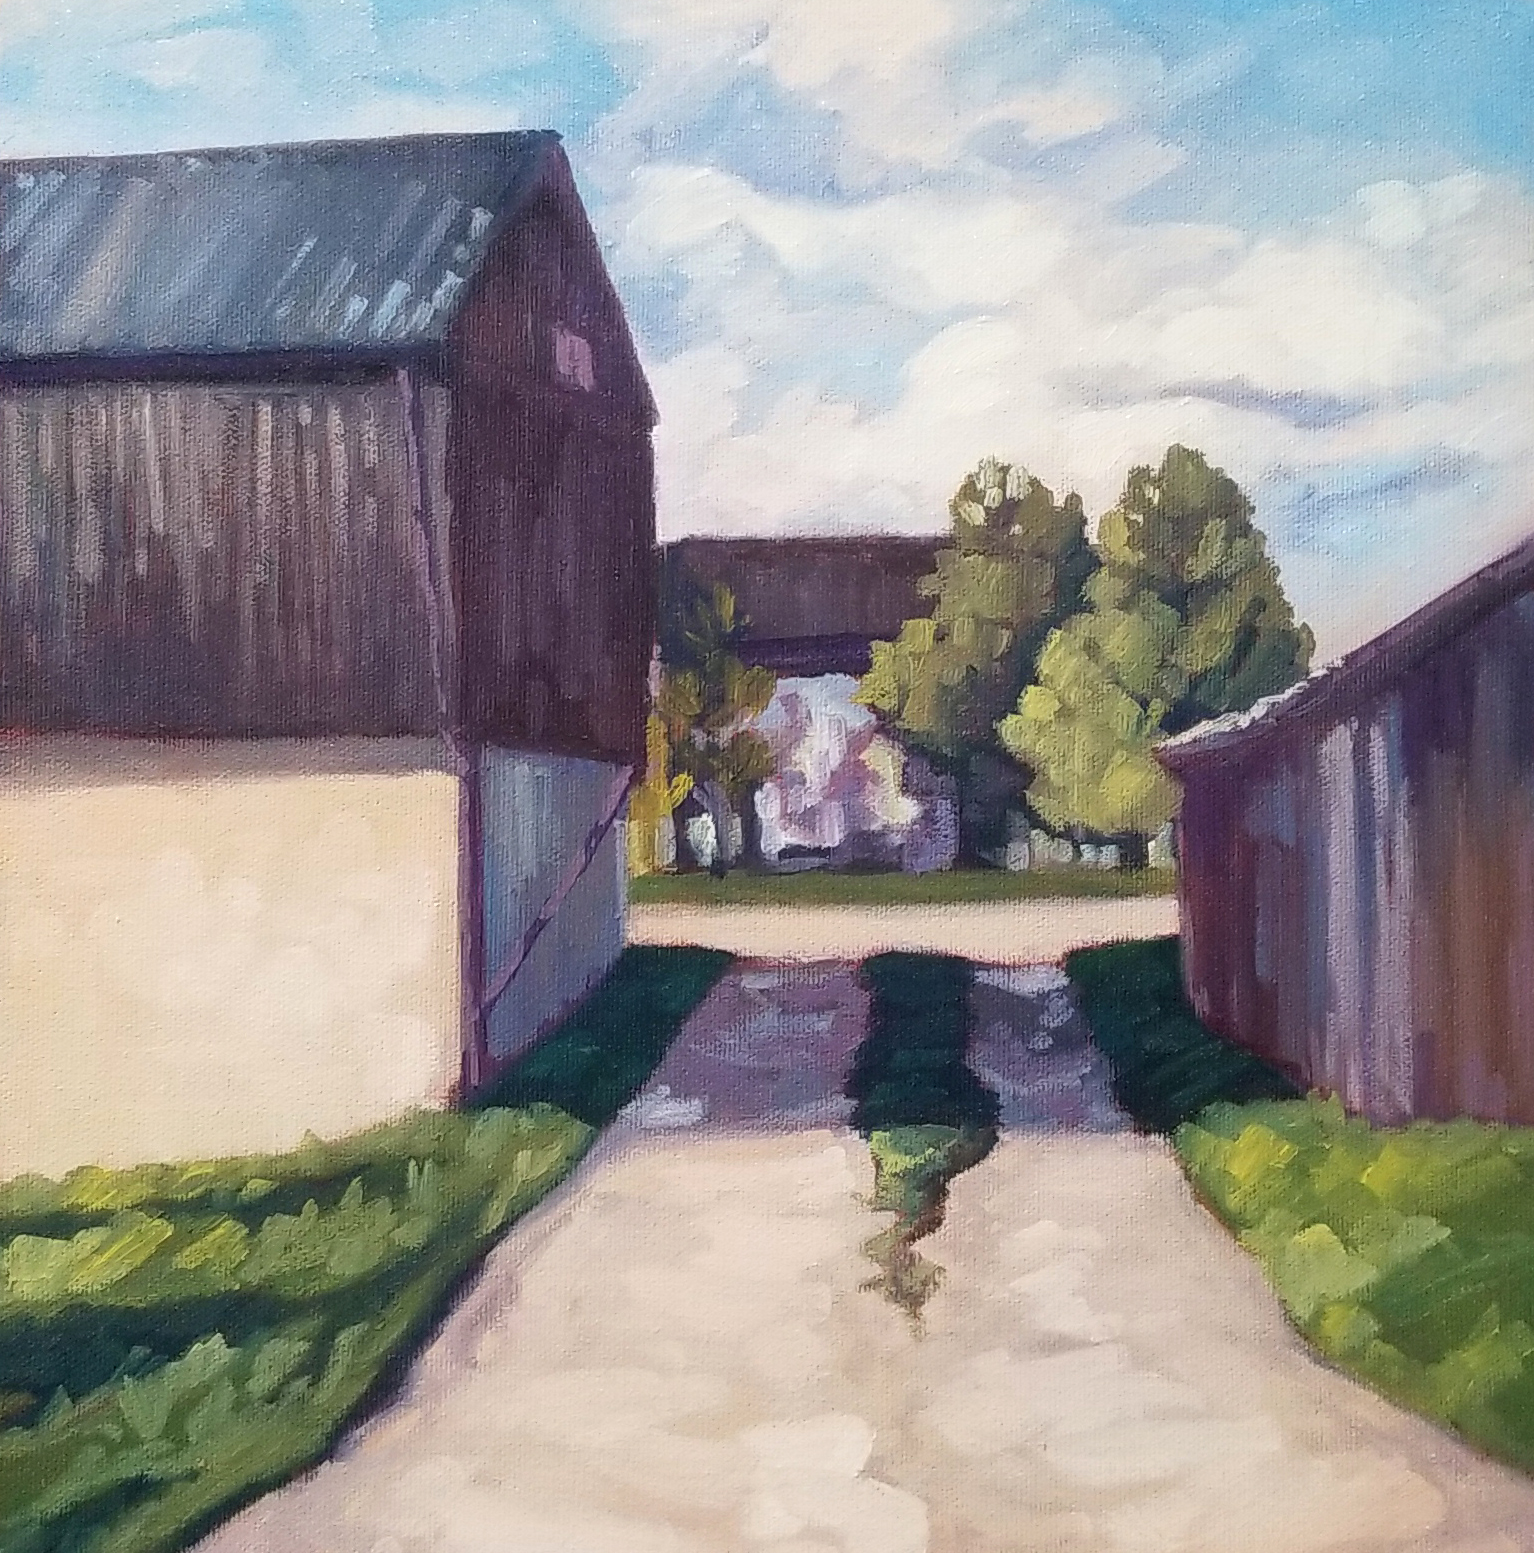 Farmers Laneway